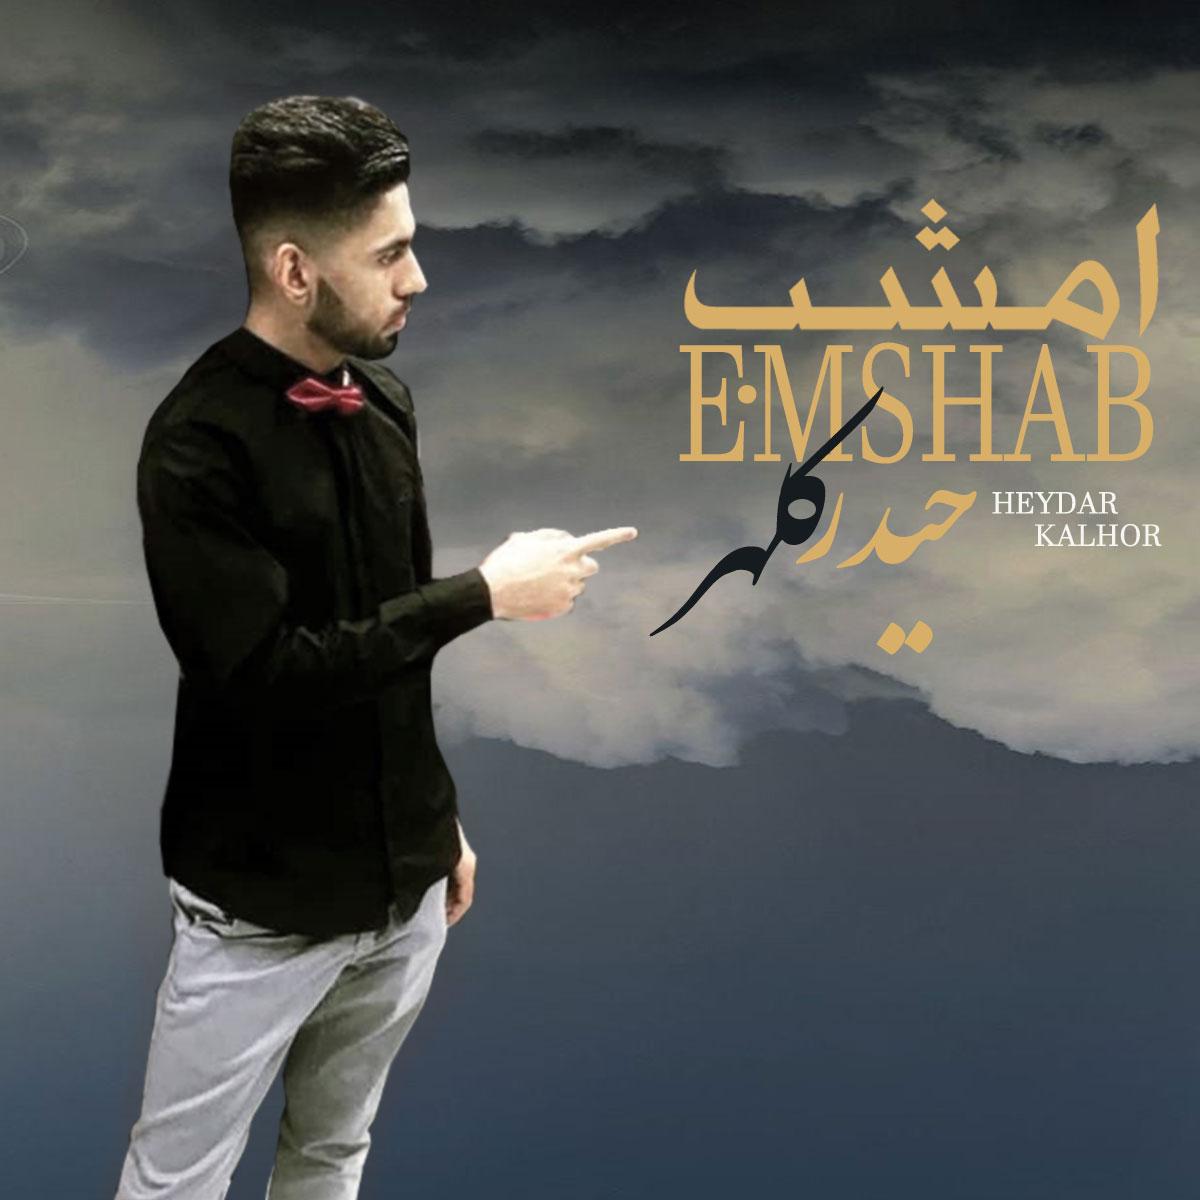 Heydar Kalhor – Emshab